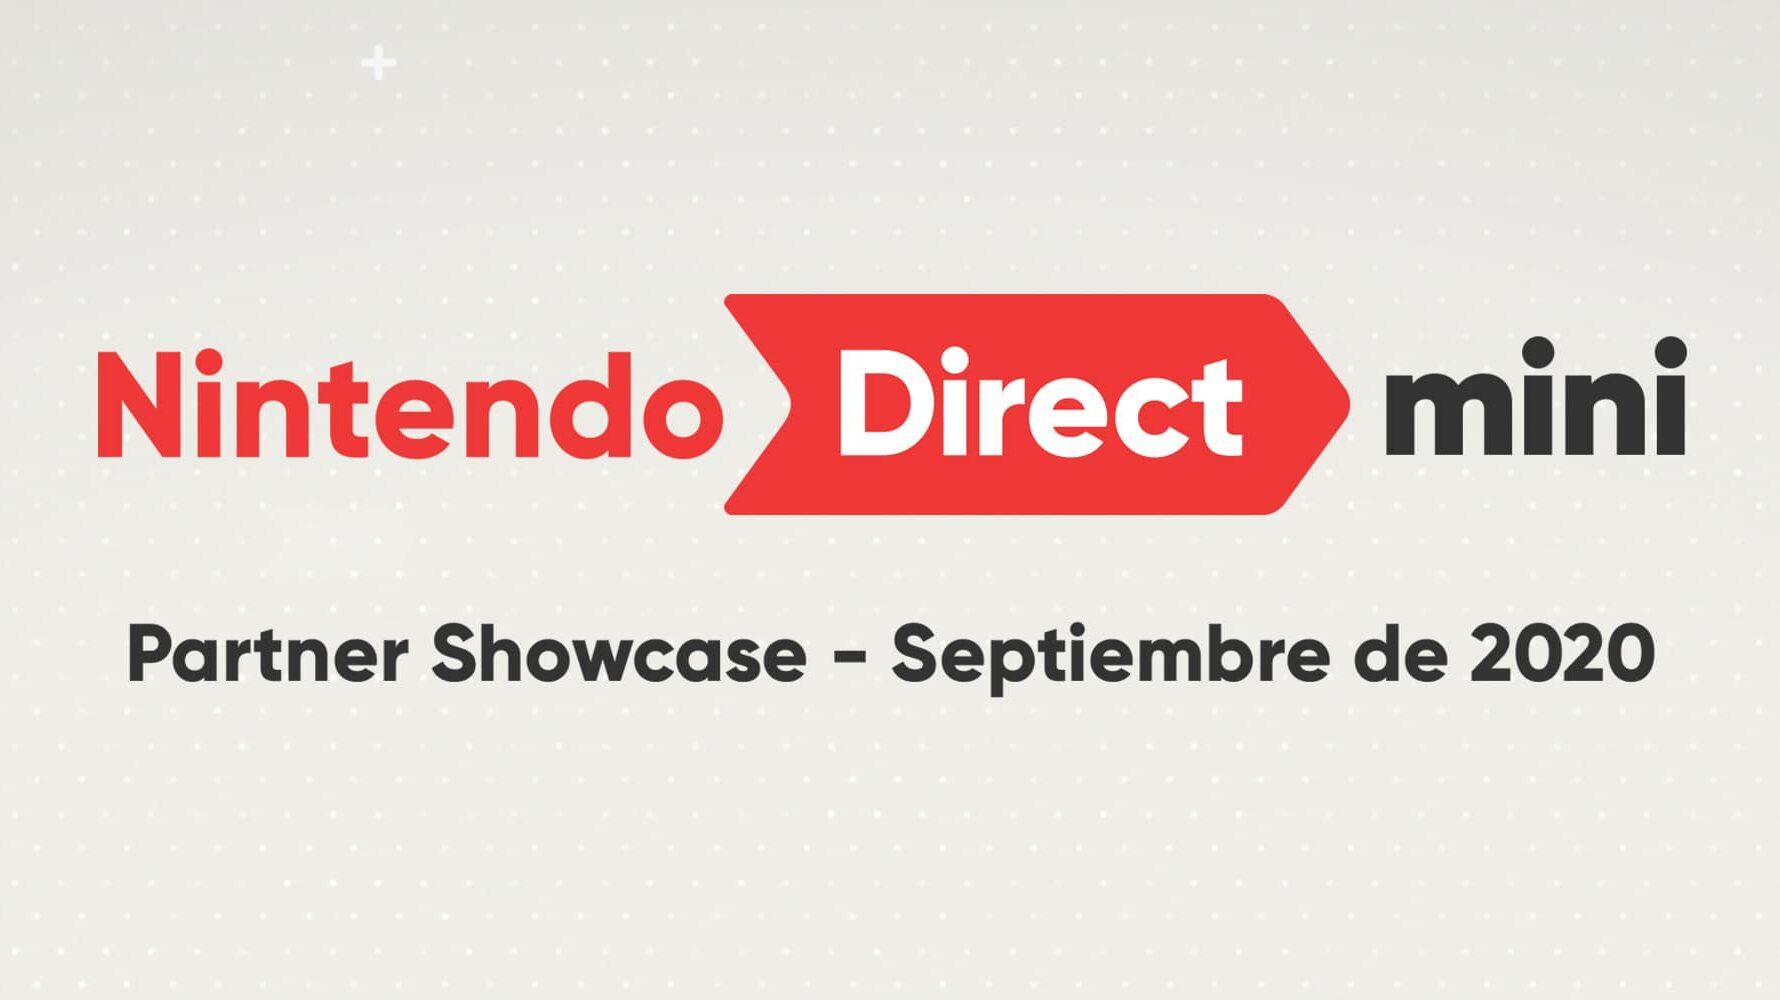 Anunciado nuevo Nintendo Direct Mini: Partner Show case